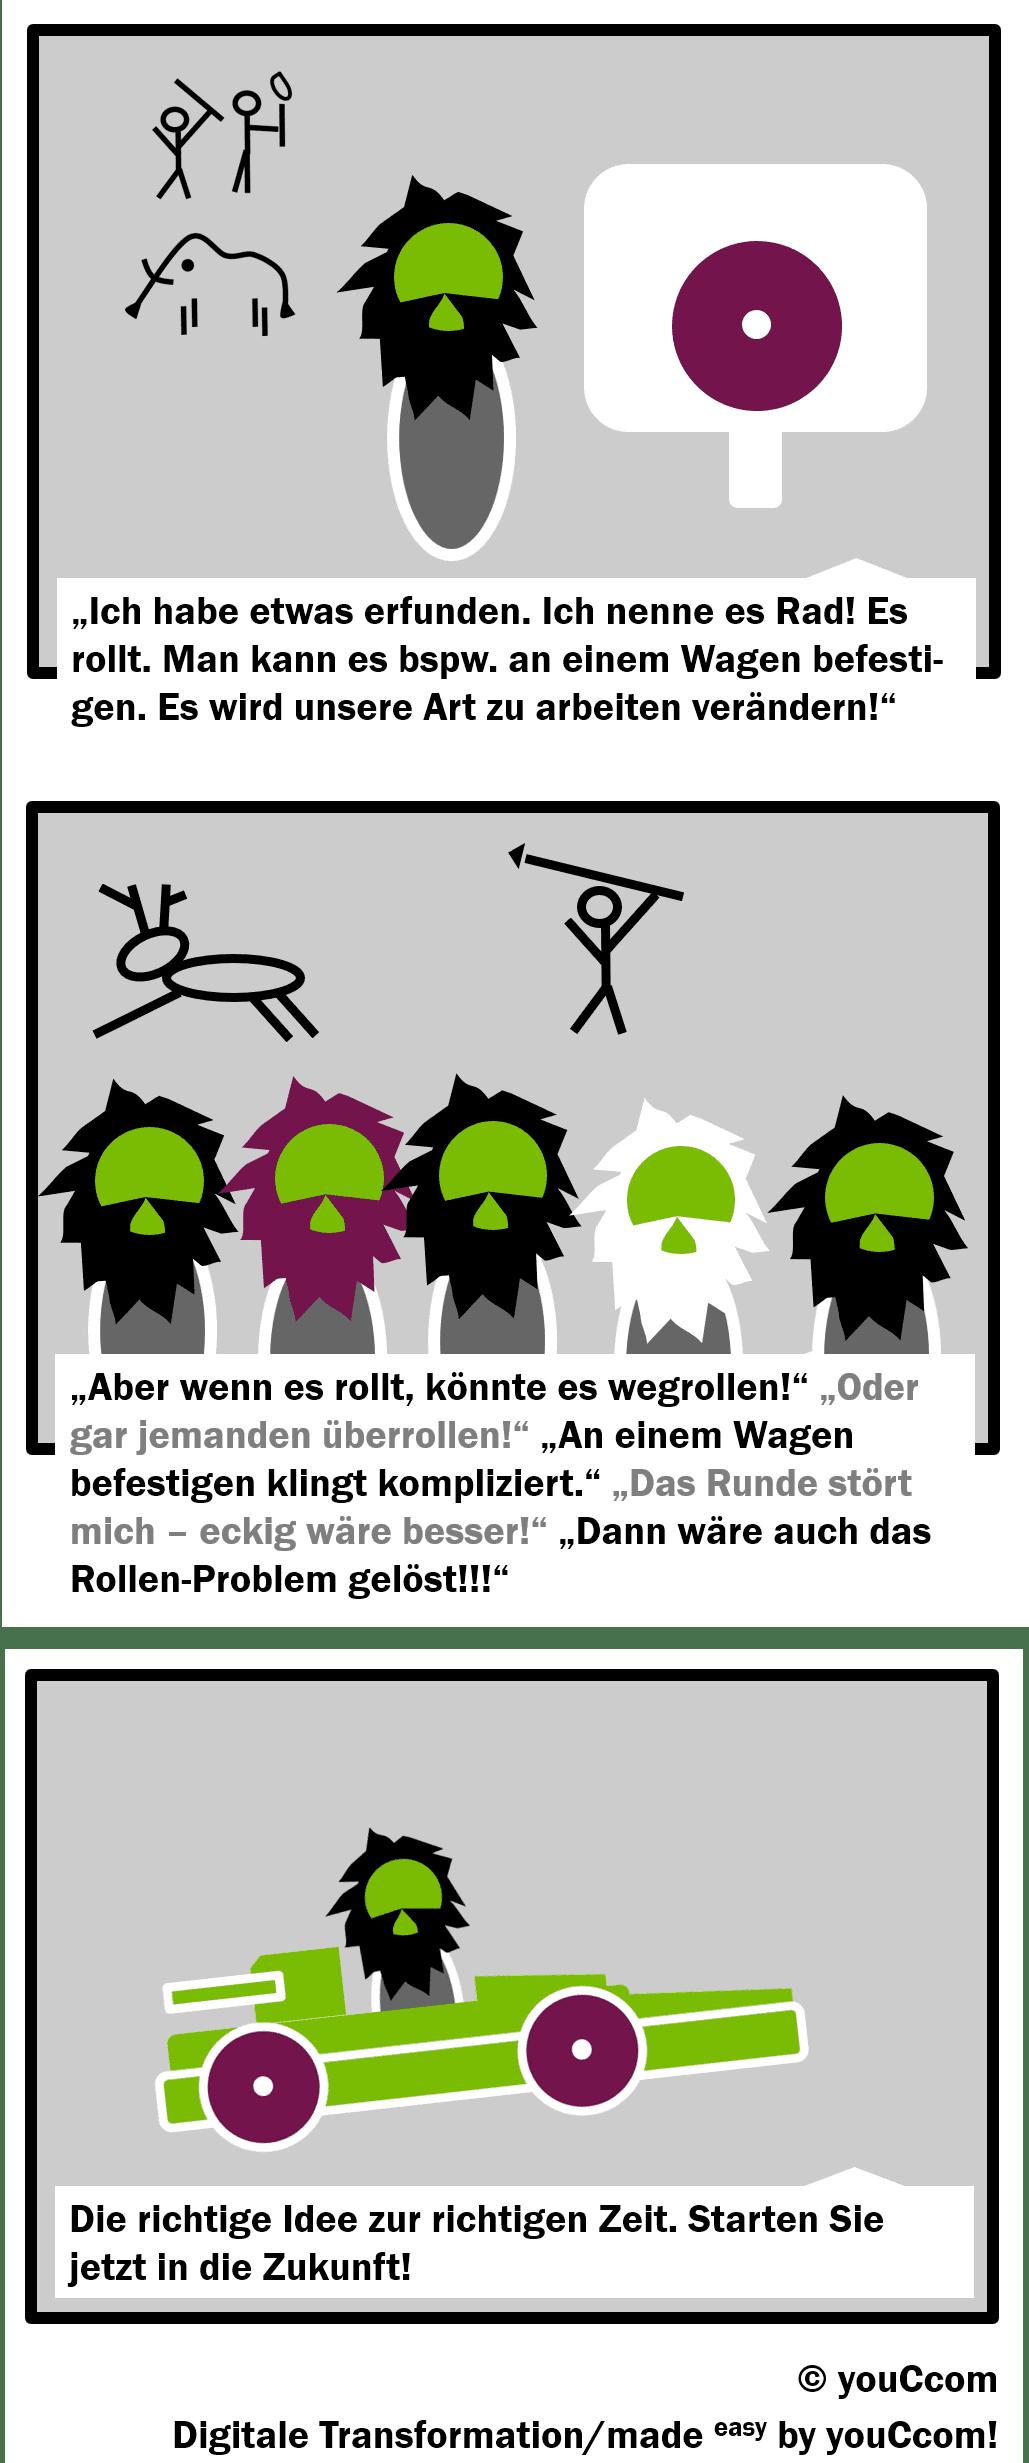 4.0-Technologien